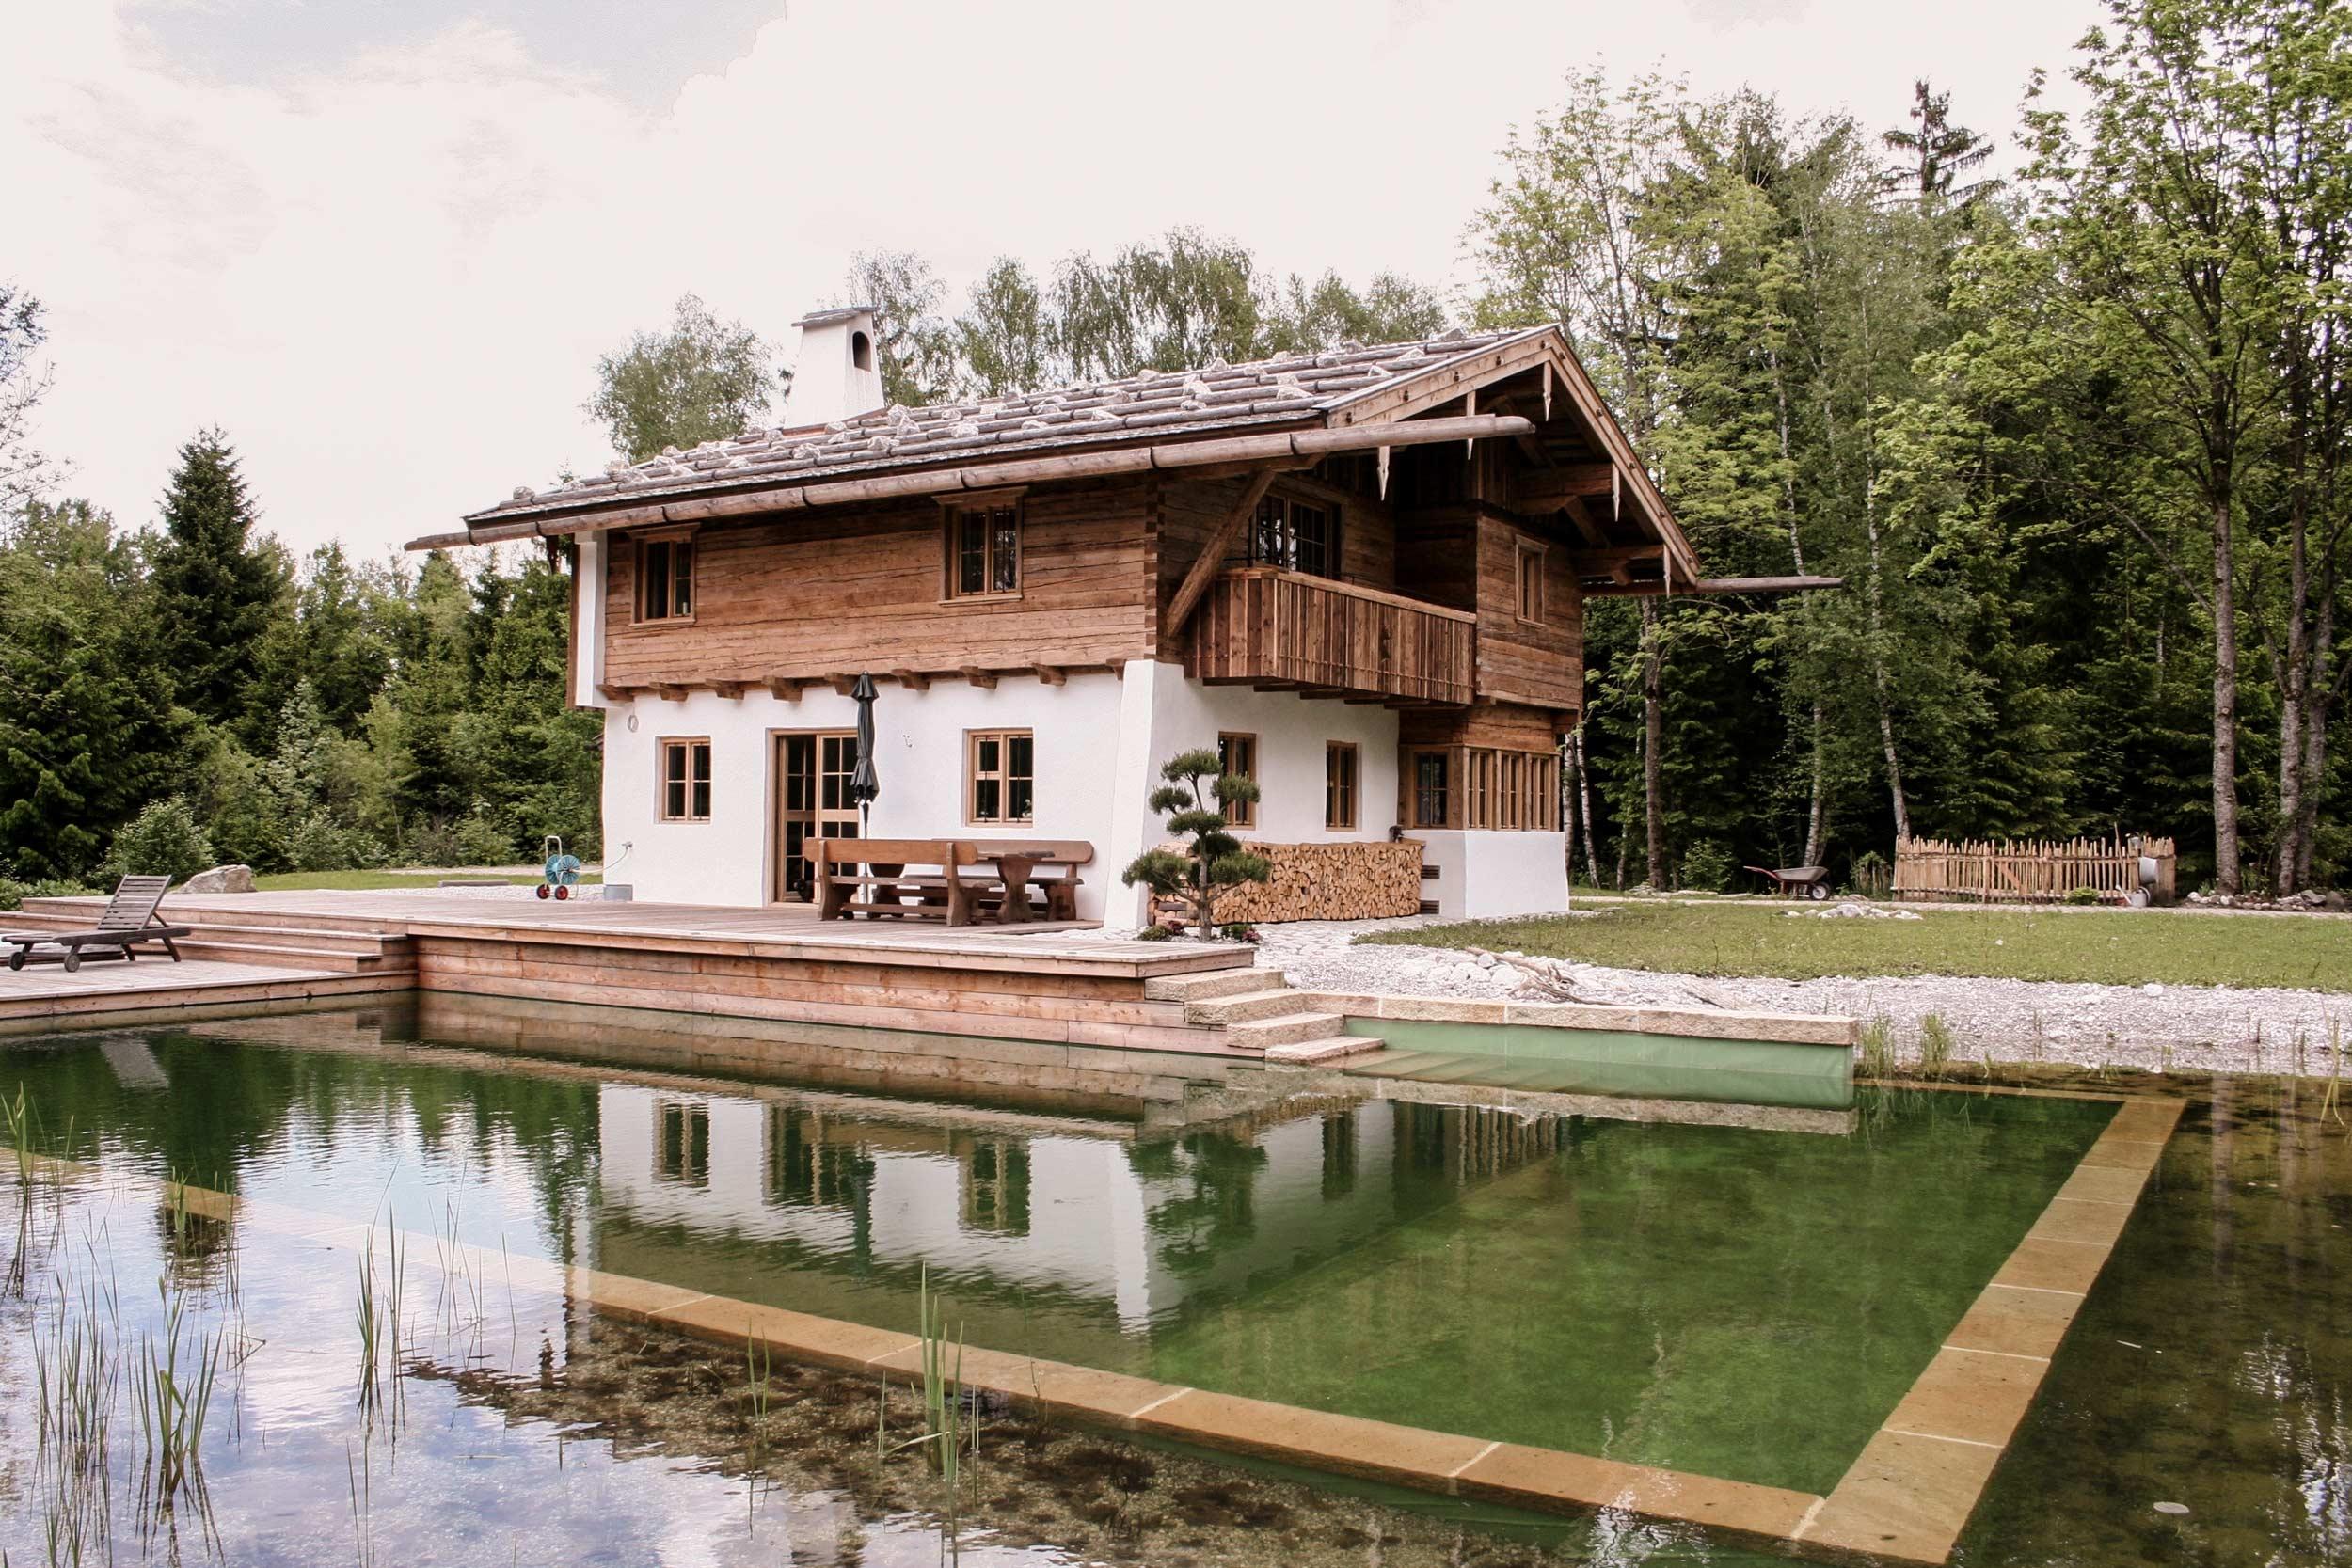 zimmerei-stoib-holzbau-holzhaus-blockhaus-altholz-teich-balkon-schindel-dach-fassade-terrasse-13.jpg